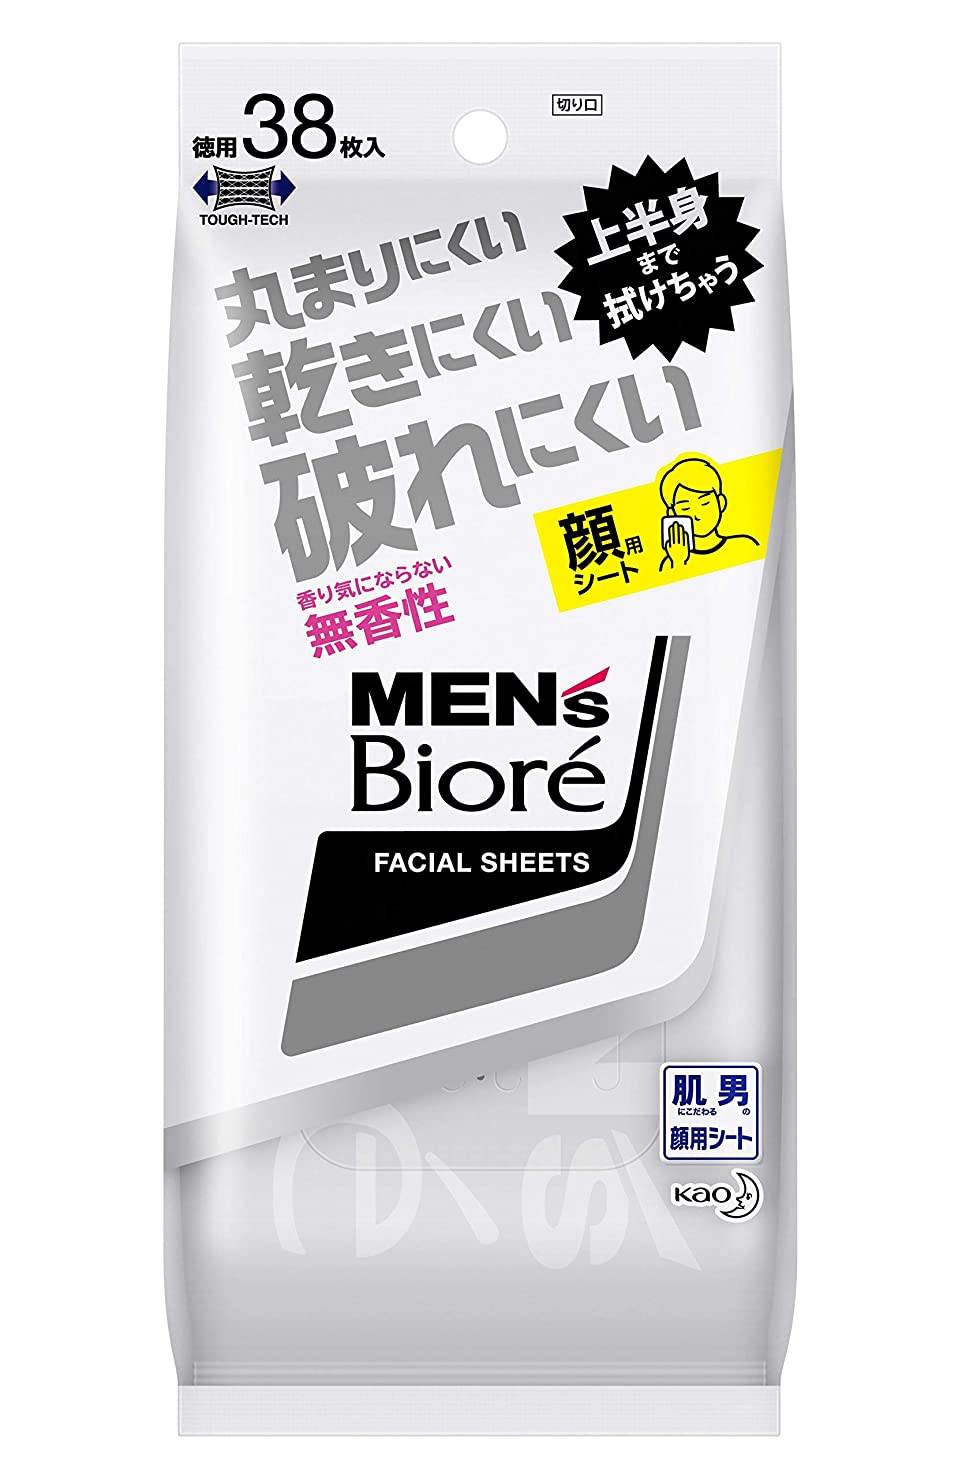 ヘクタール報復腹メンズビオレ 洗顔シート 香り気にならない 無香性 <卓上タイプ> 38枚入